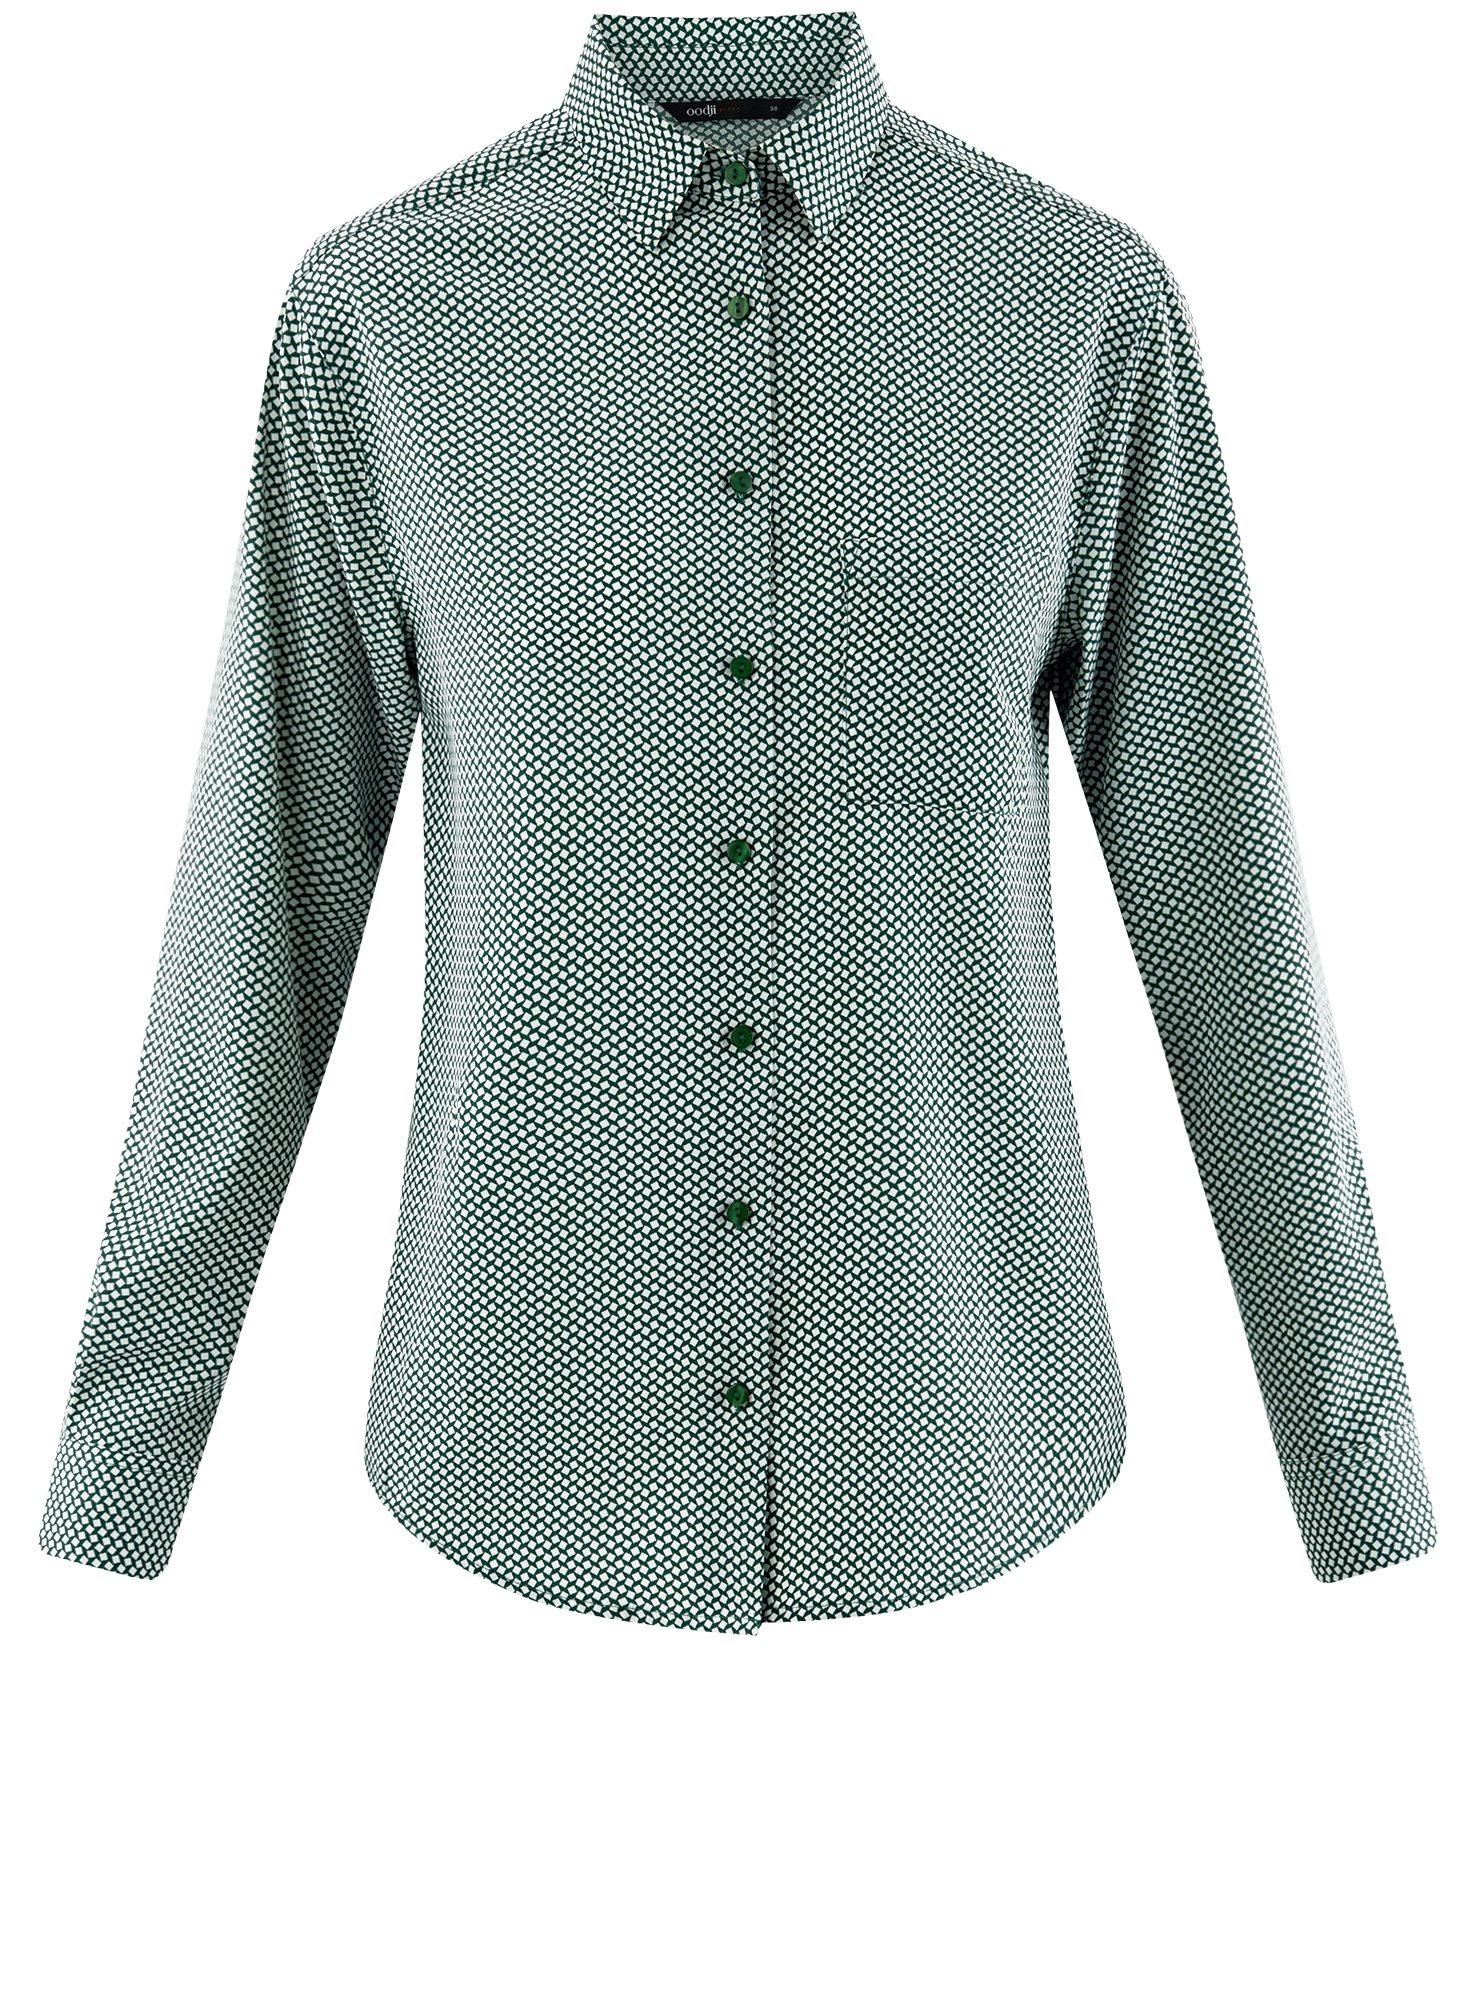 Блузка прямого силуэта с нагрудным карманом oodji для женщины (зеленый), 11411134B/46123/6E12G